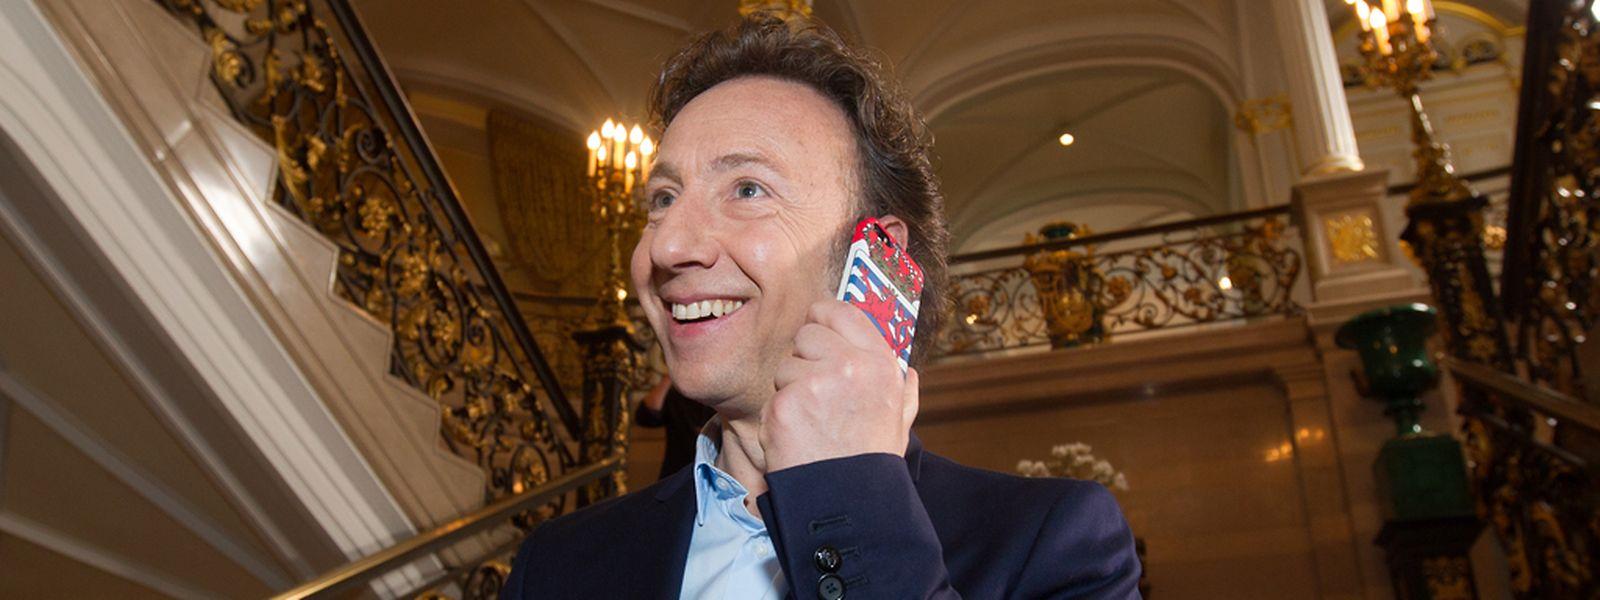 """Der französische Adelsexperte mit Luxemburger Wurzeln Stéphane Bern wird Großherzog Jean an diesem Mittwoch das Buch """"Jean de Luxembourg"""" überreichen."""